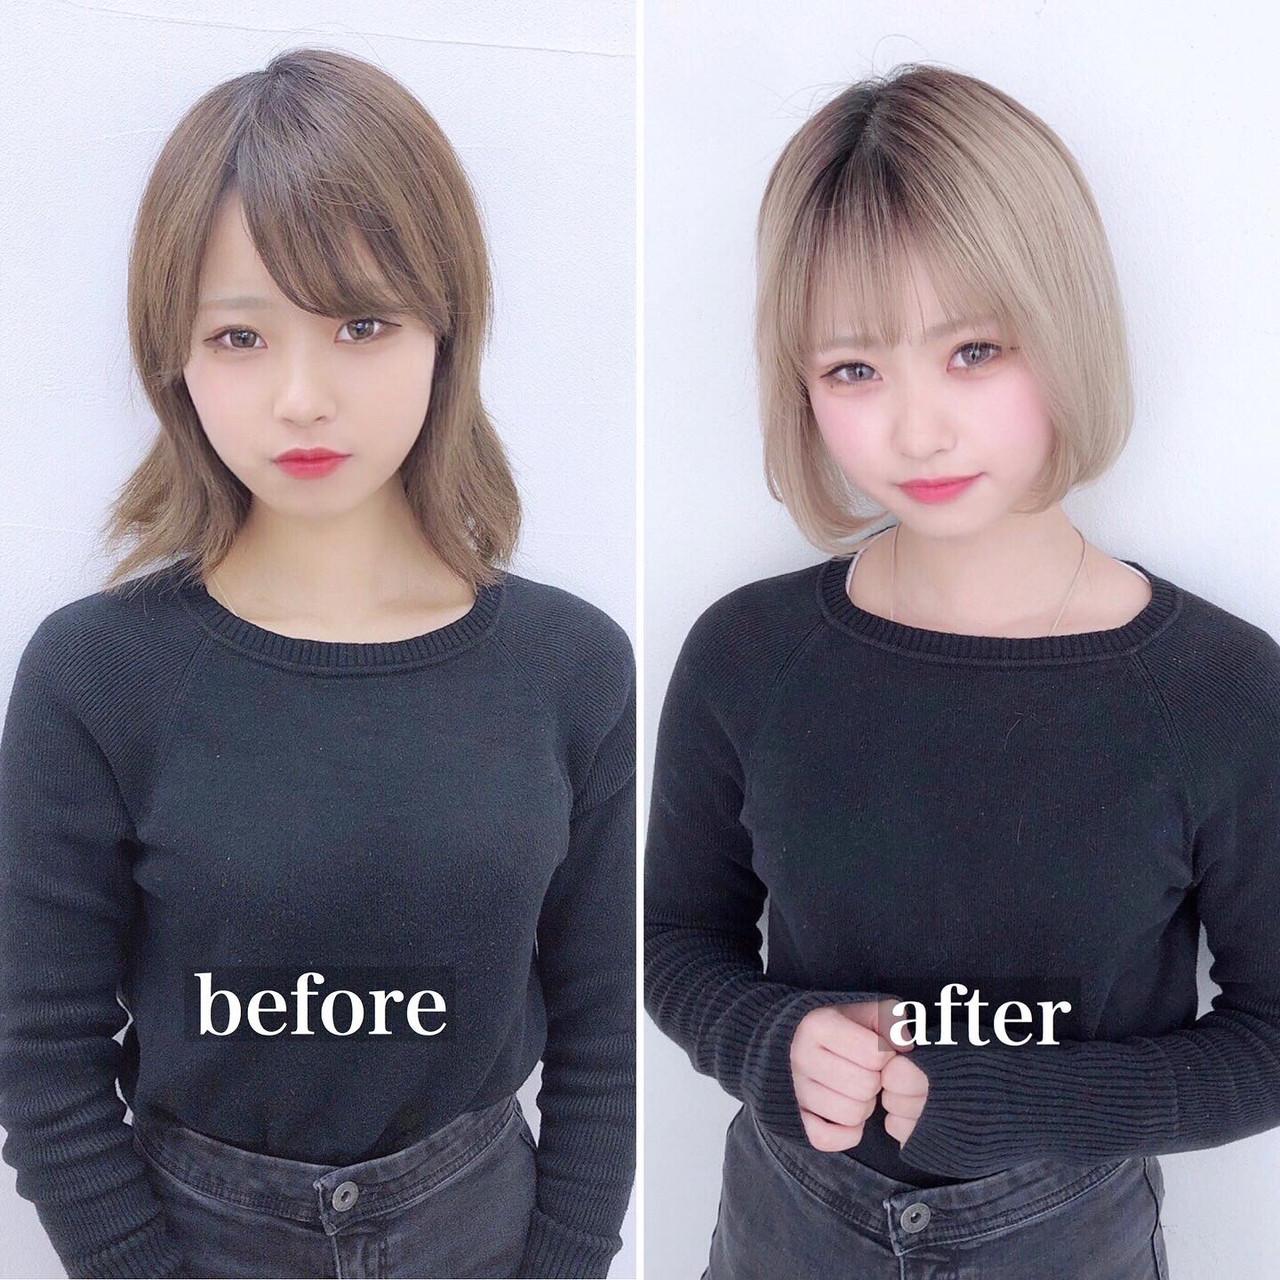 ナチュラル ミニボブ 小顔 韓国ヘアヘアスタイルや髪型の写真・画像